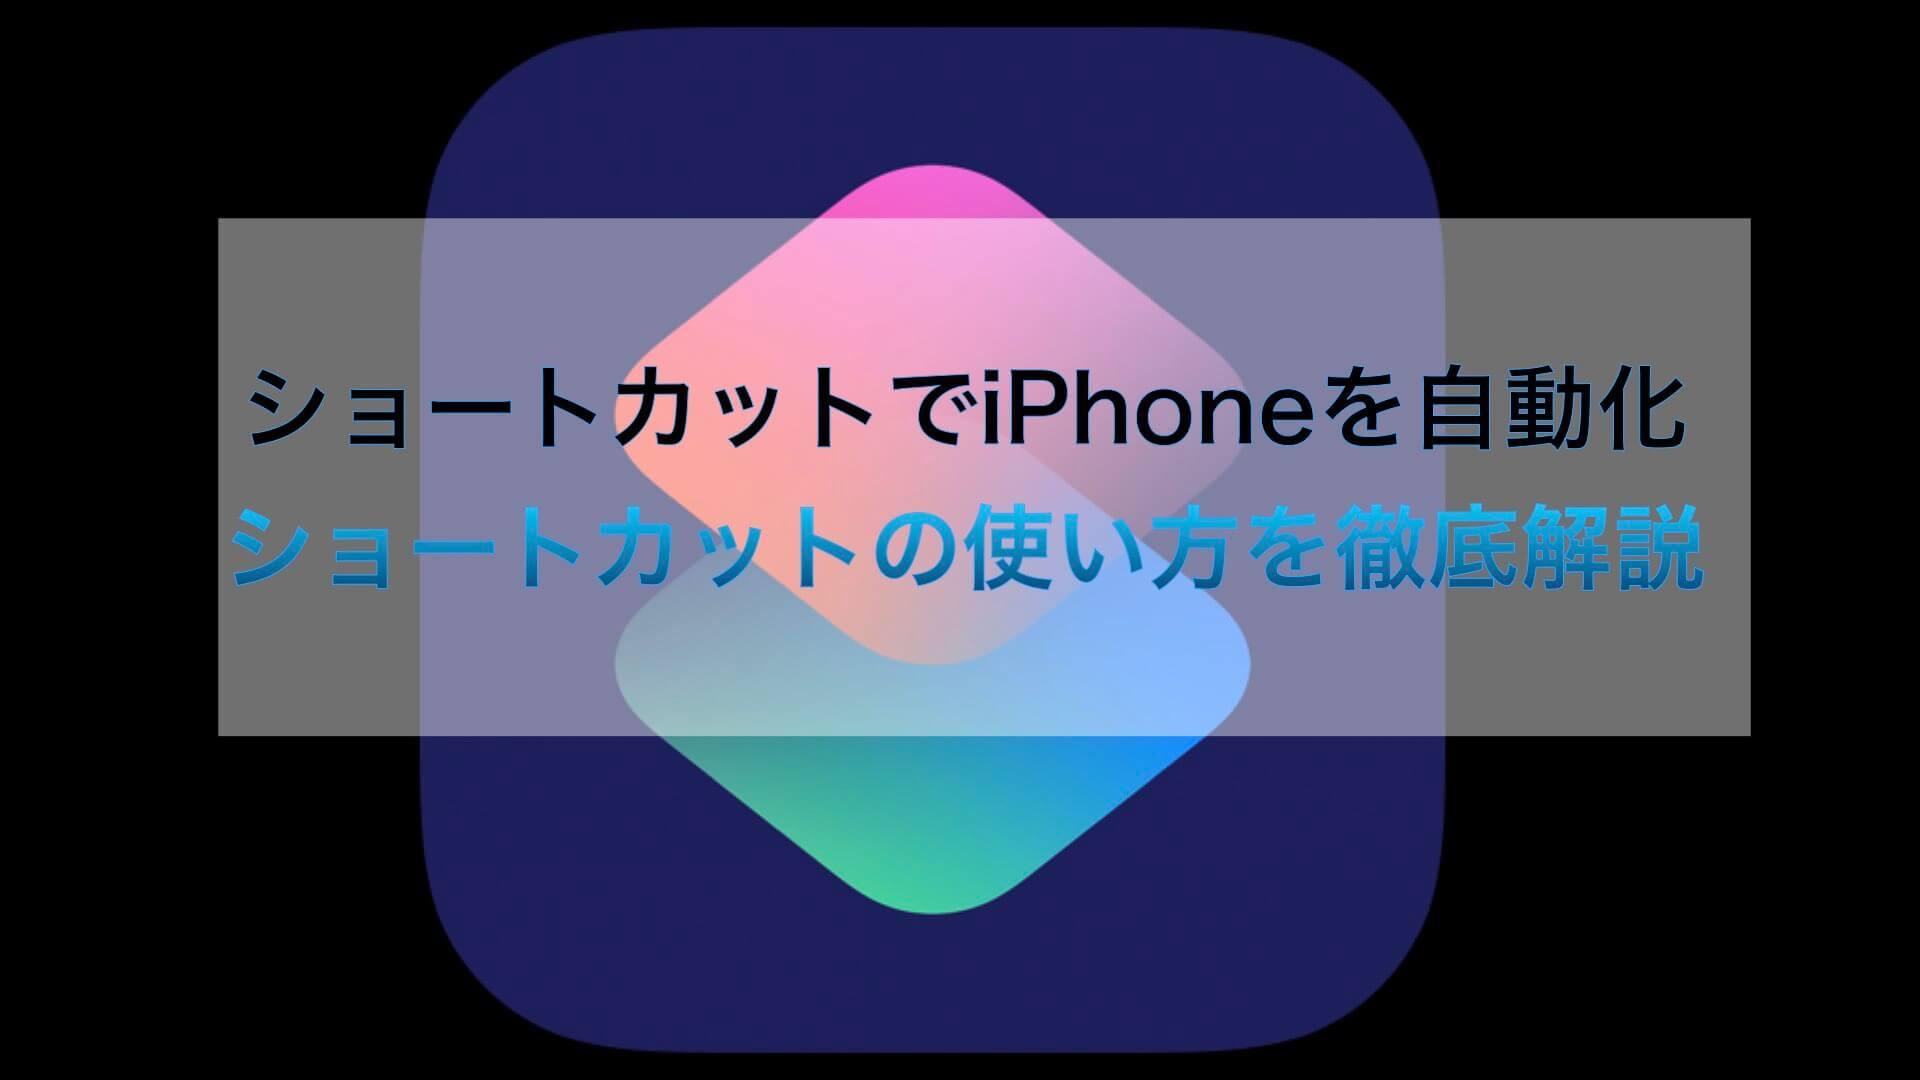 ショートカットでiPhoneを自動化 ショートカットの使い方を徹底解説